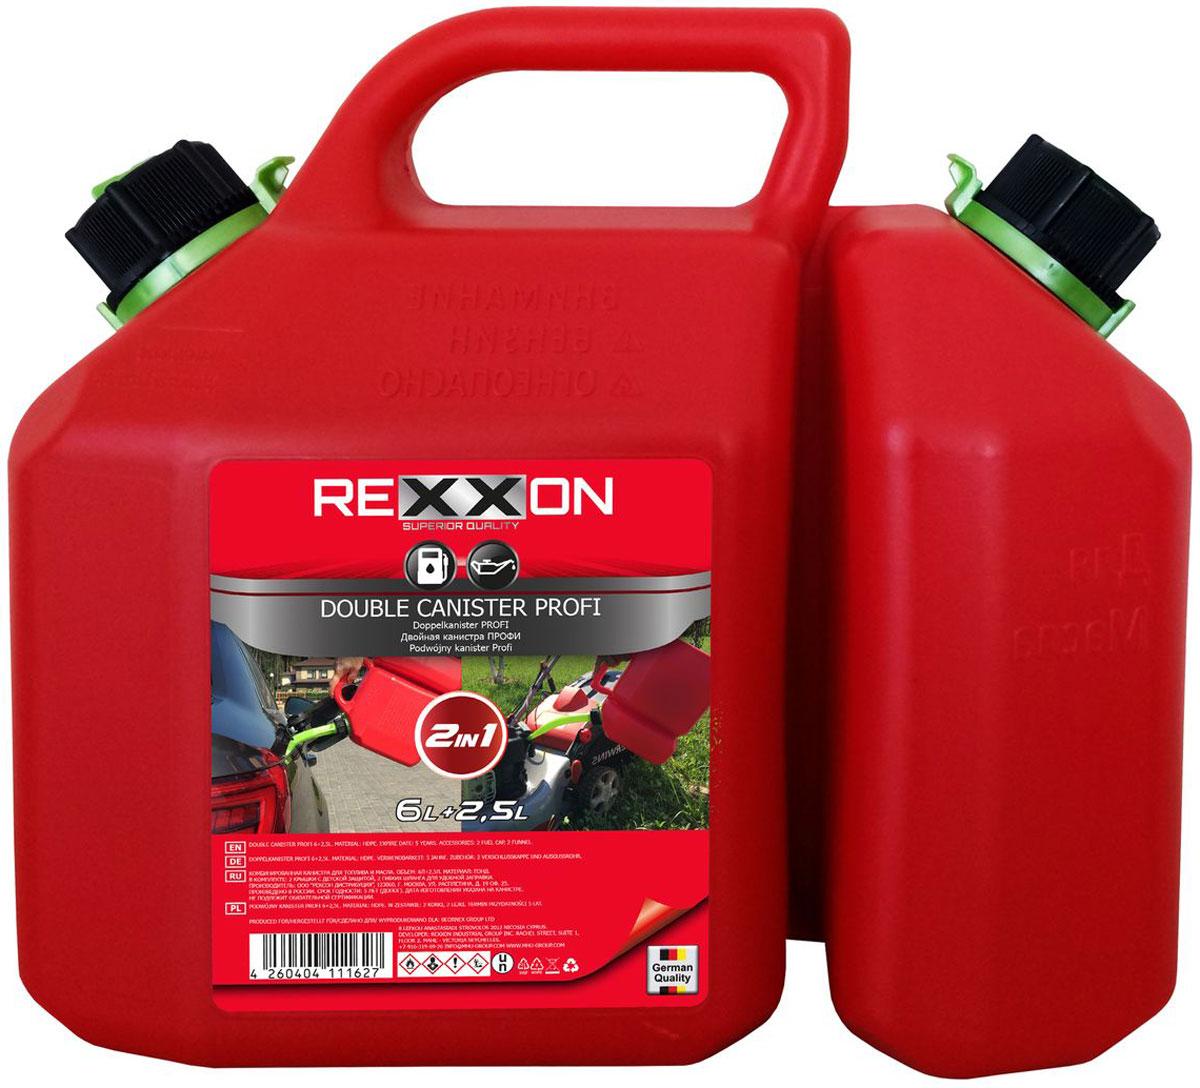 Канистра Rexxon, комбинированная, двойная, цвет: красный, 6 л + 2,5 л канистра пластиковая phantom для гсм 5 л